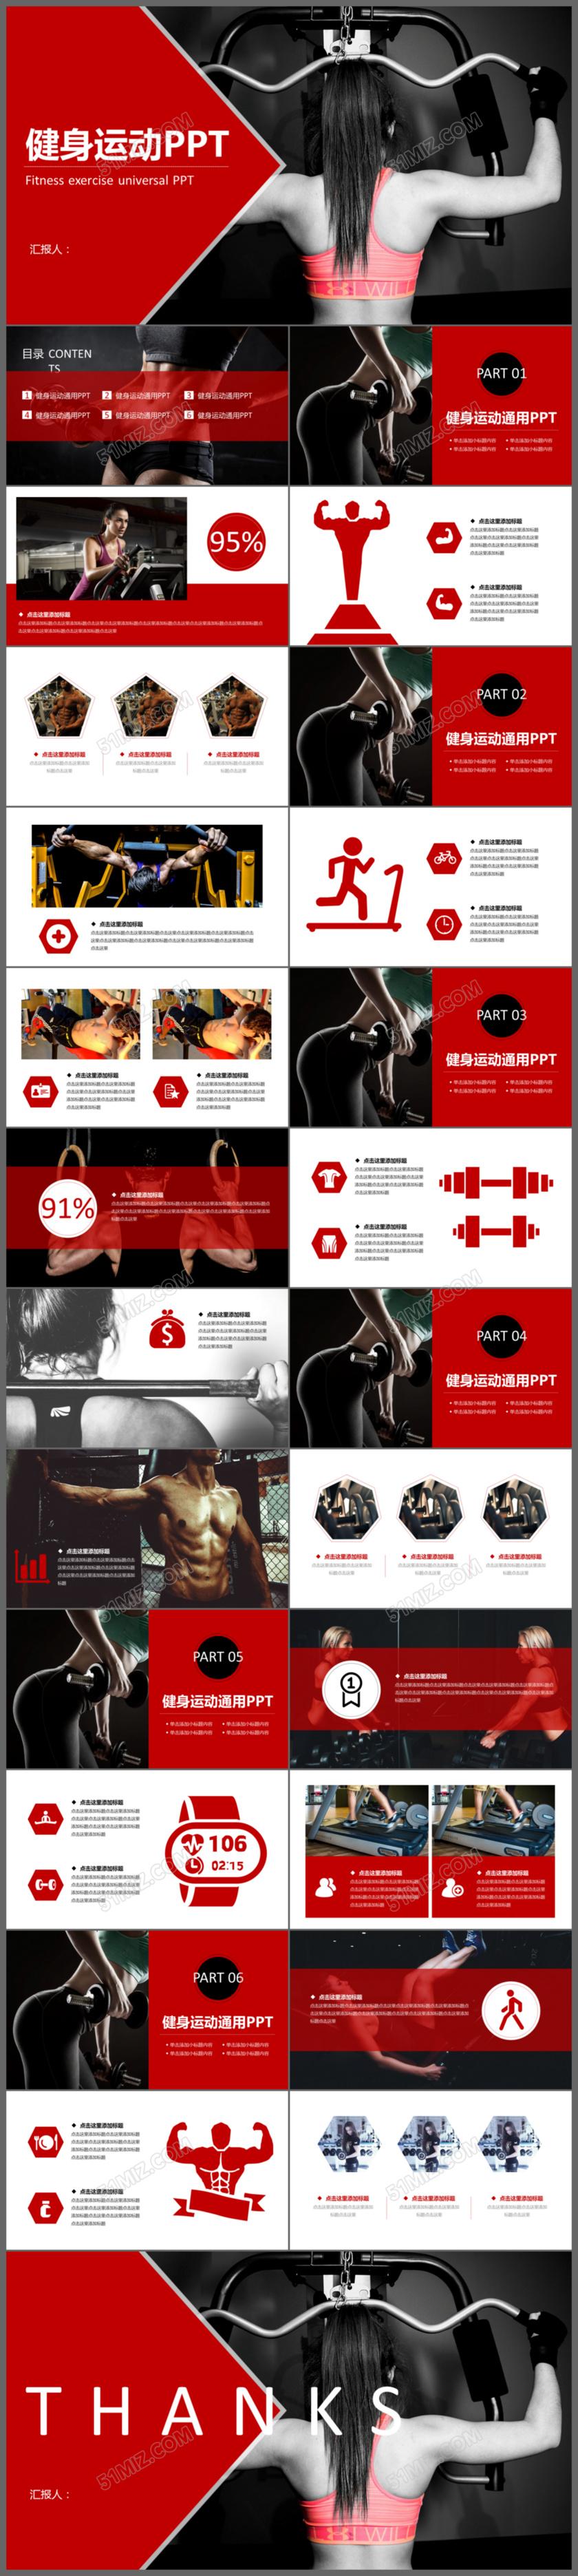 健身运动健身器材健身馆宣传ppt素材下载模板